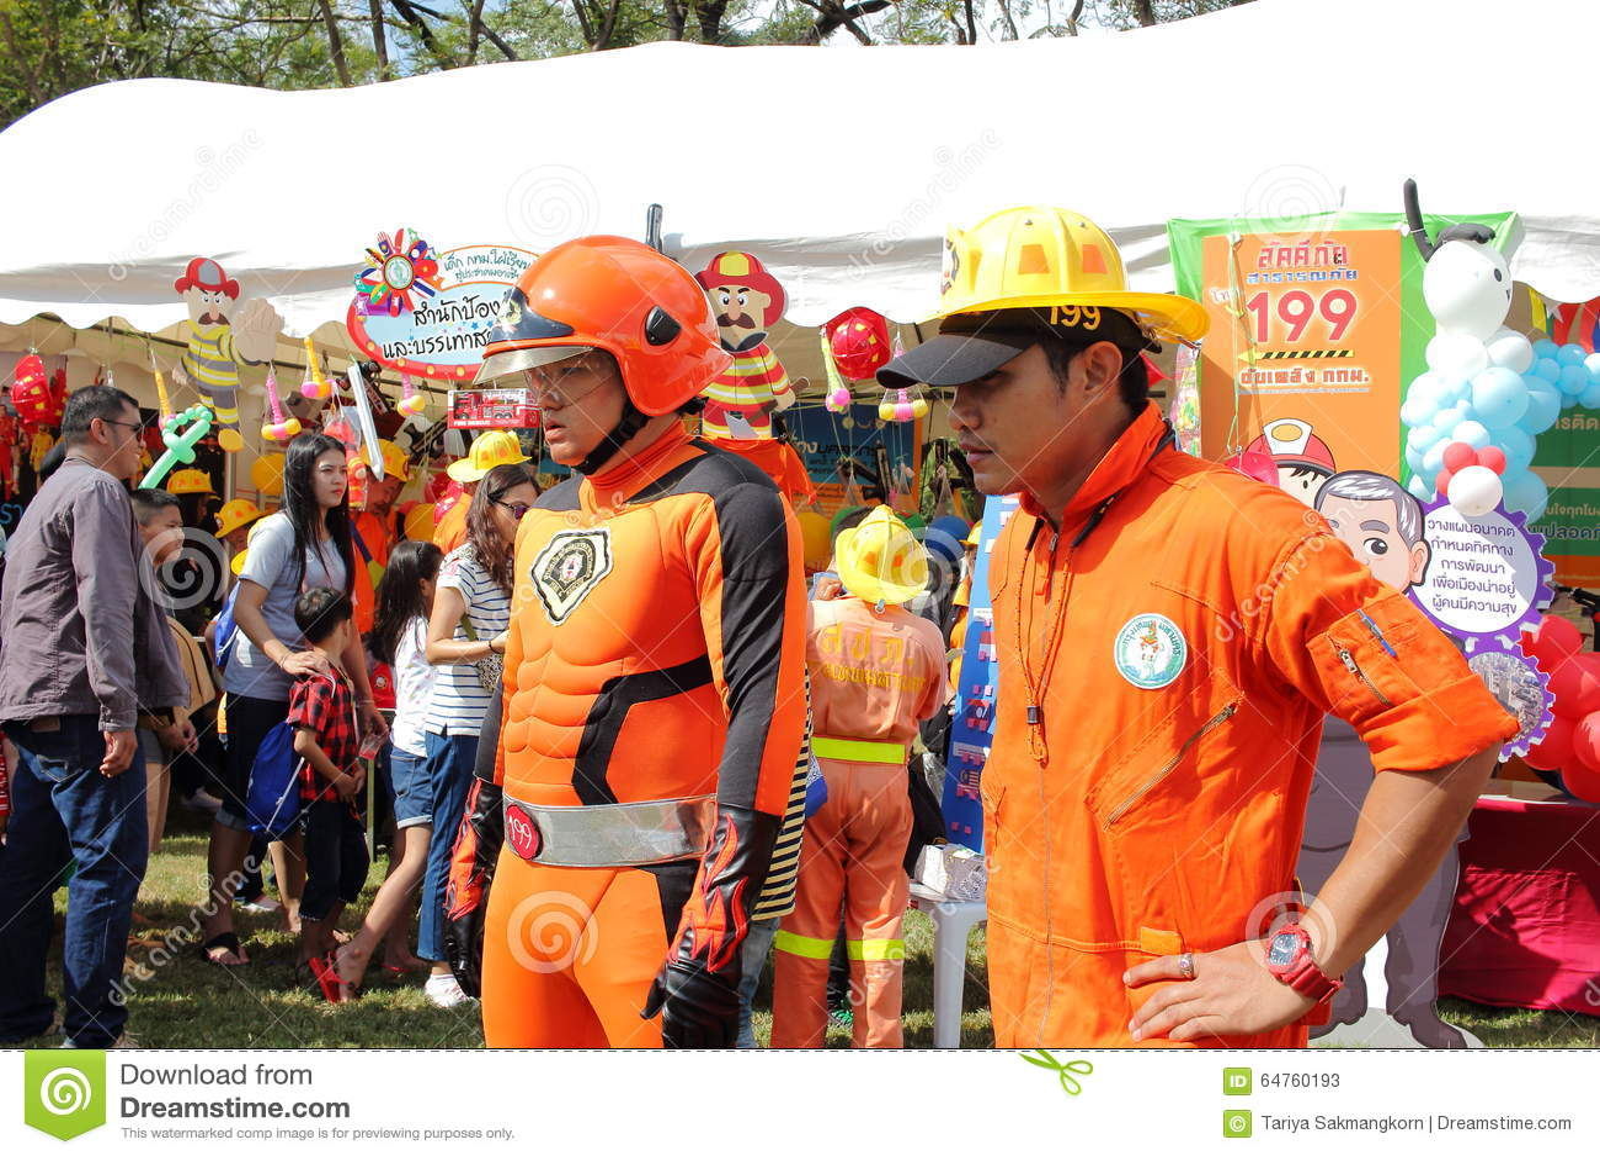 Μπανγκόκ, Ταϊλάνδη - 9 Ιανουαρίου 2016: Πυροσβέστης με Superhero Cosplay στην ημέρα των εθνικών παιδιών της Ταϊλάνδης